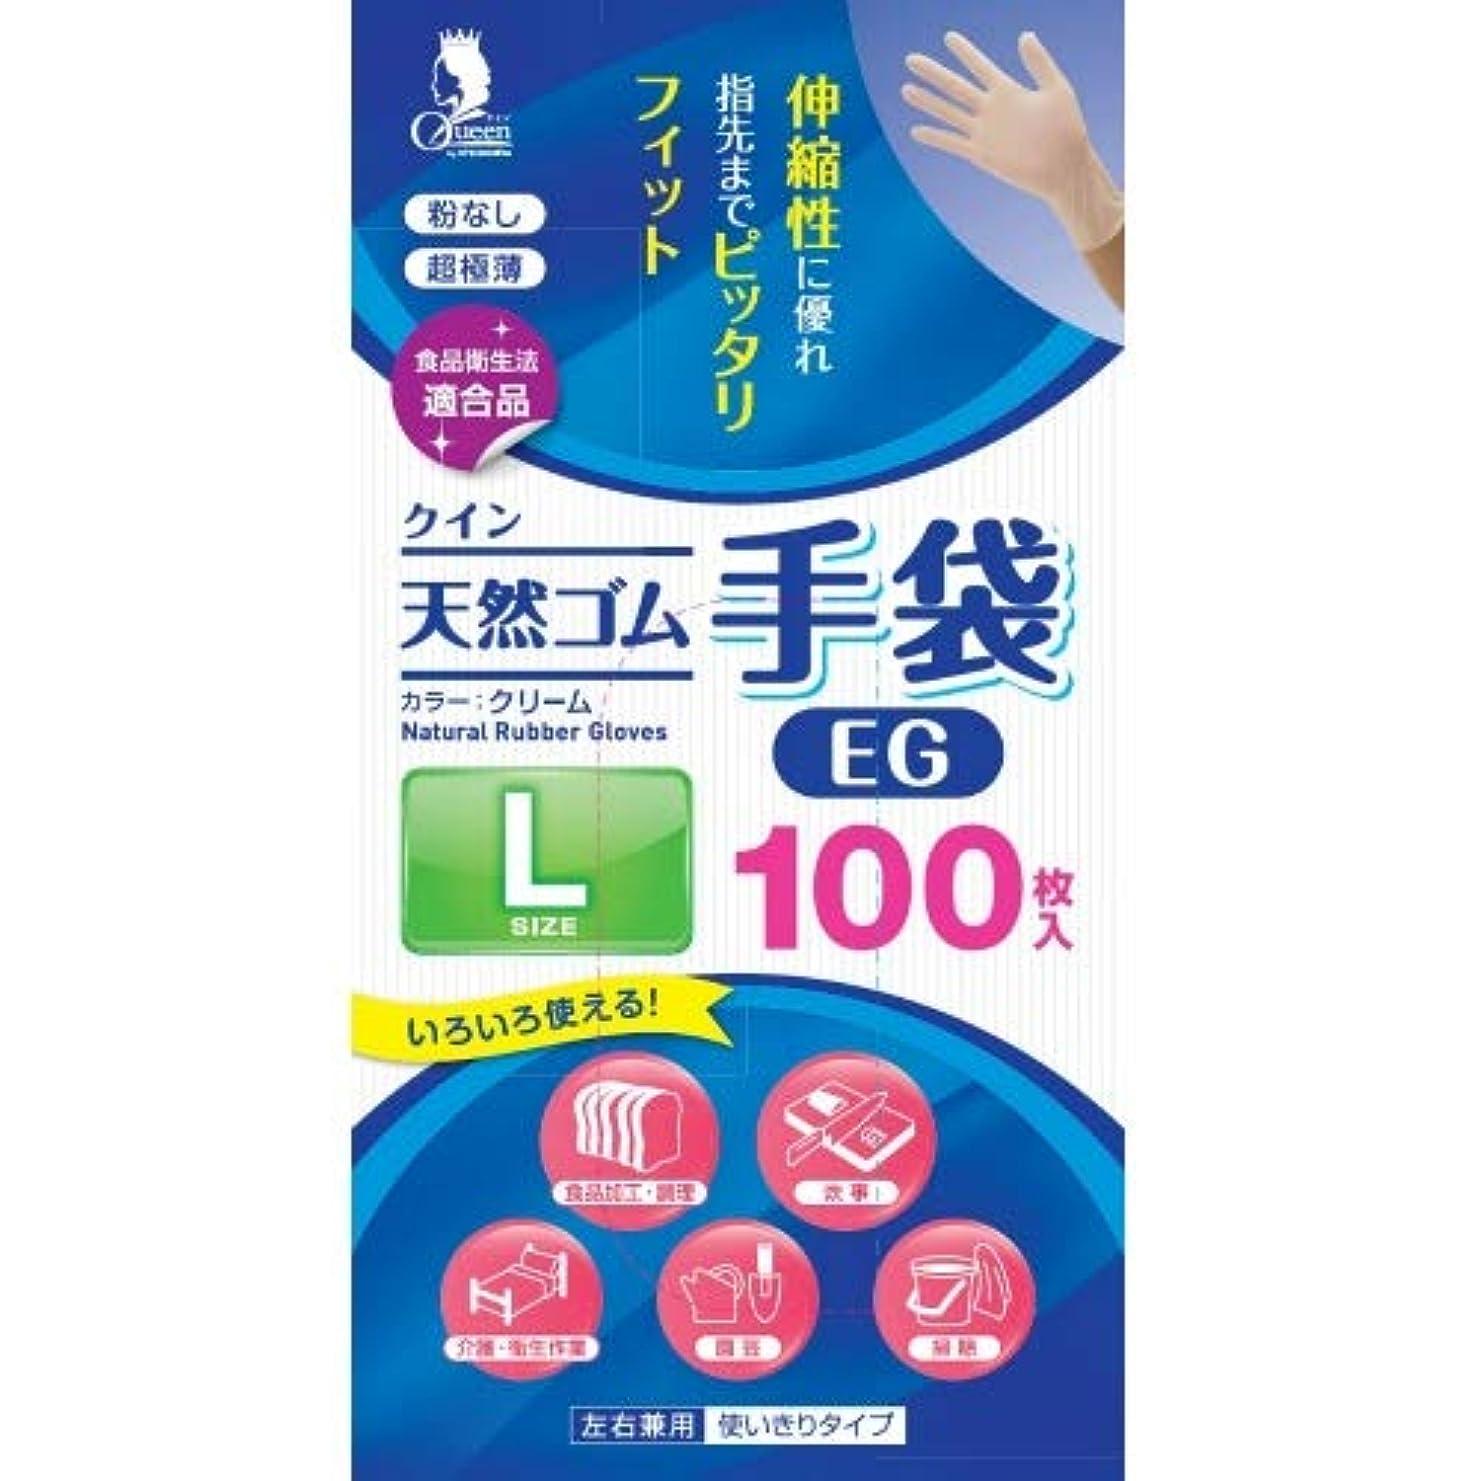 空中手術松宇都宮製作 クイン 天然ゴム 手袋 EG 粉なし 100枚入 Lサイズ